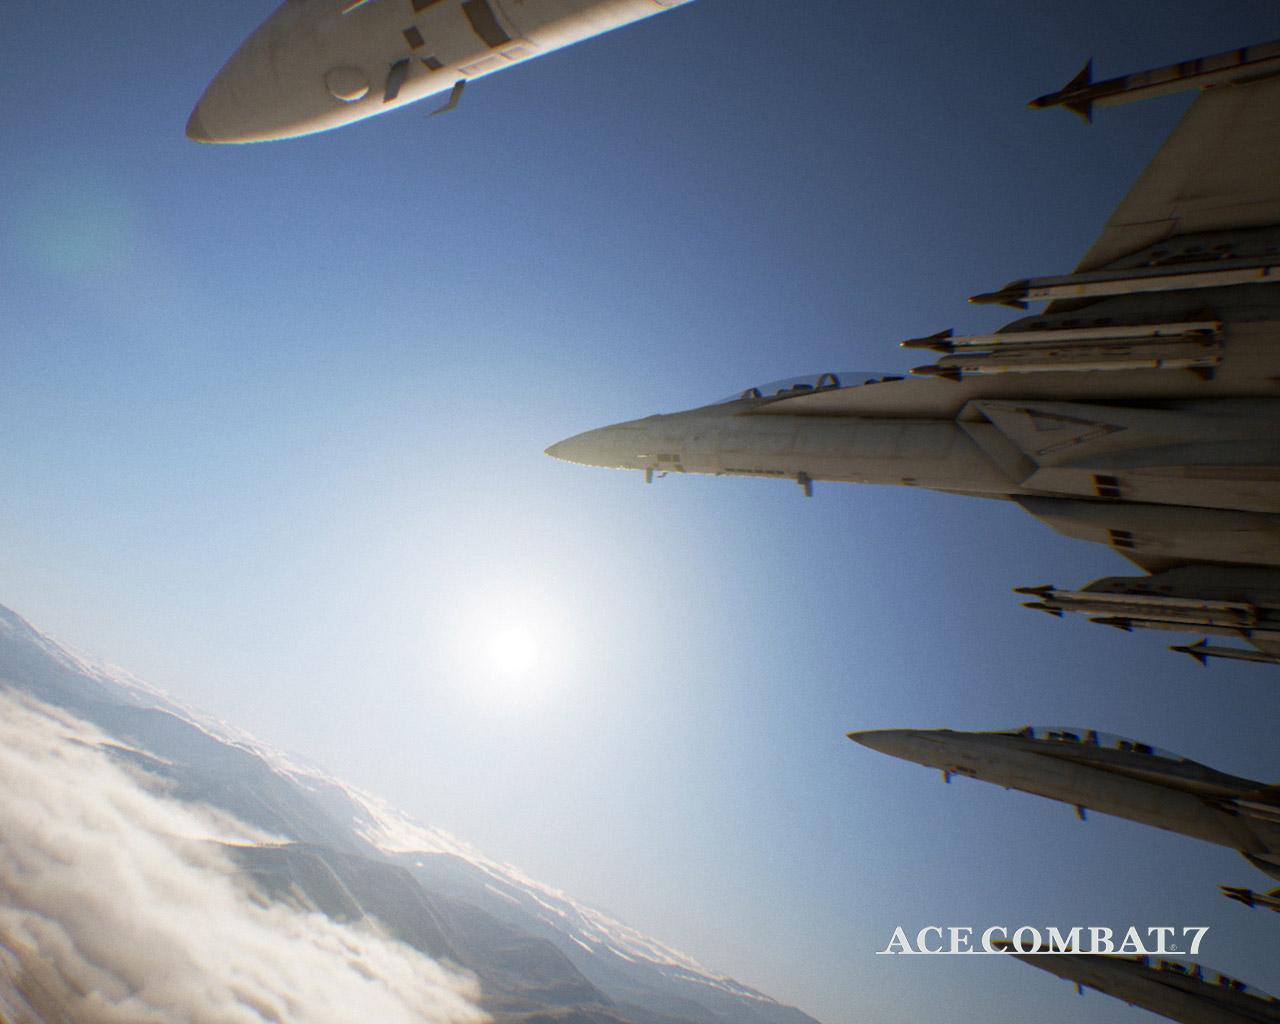 Ace Combat 7 Wallpaper in 1280x1024